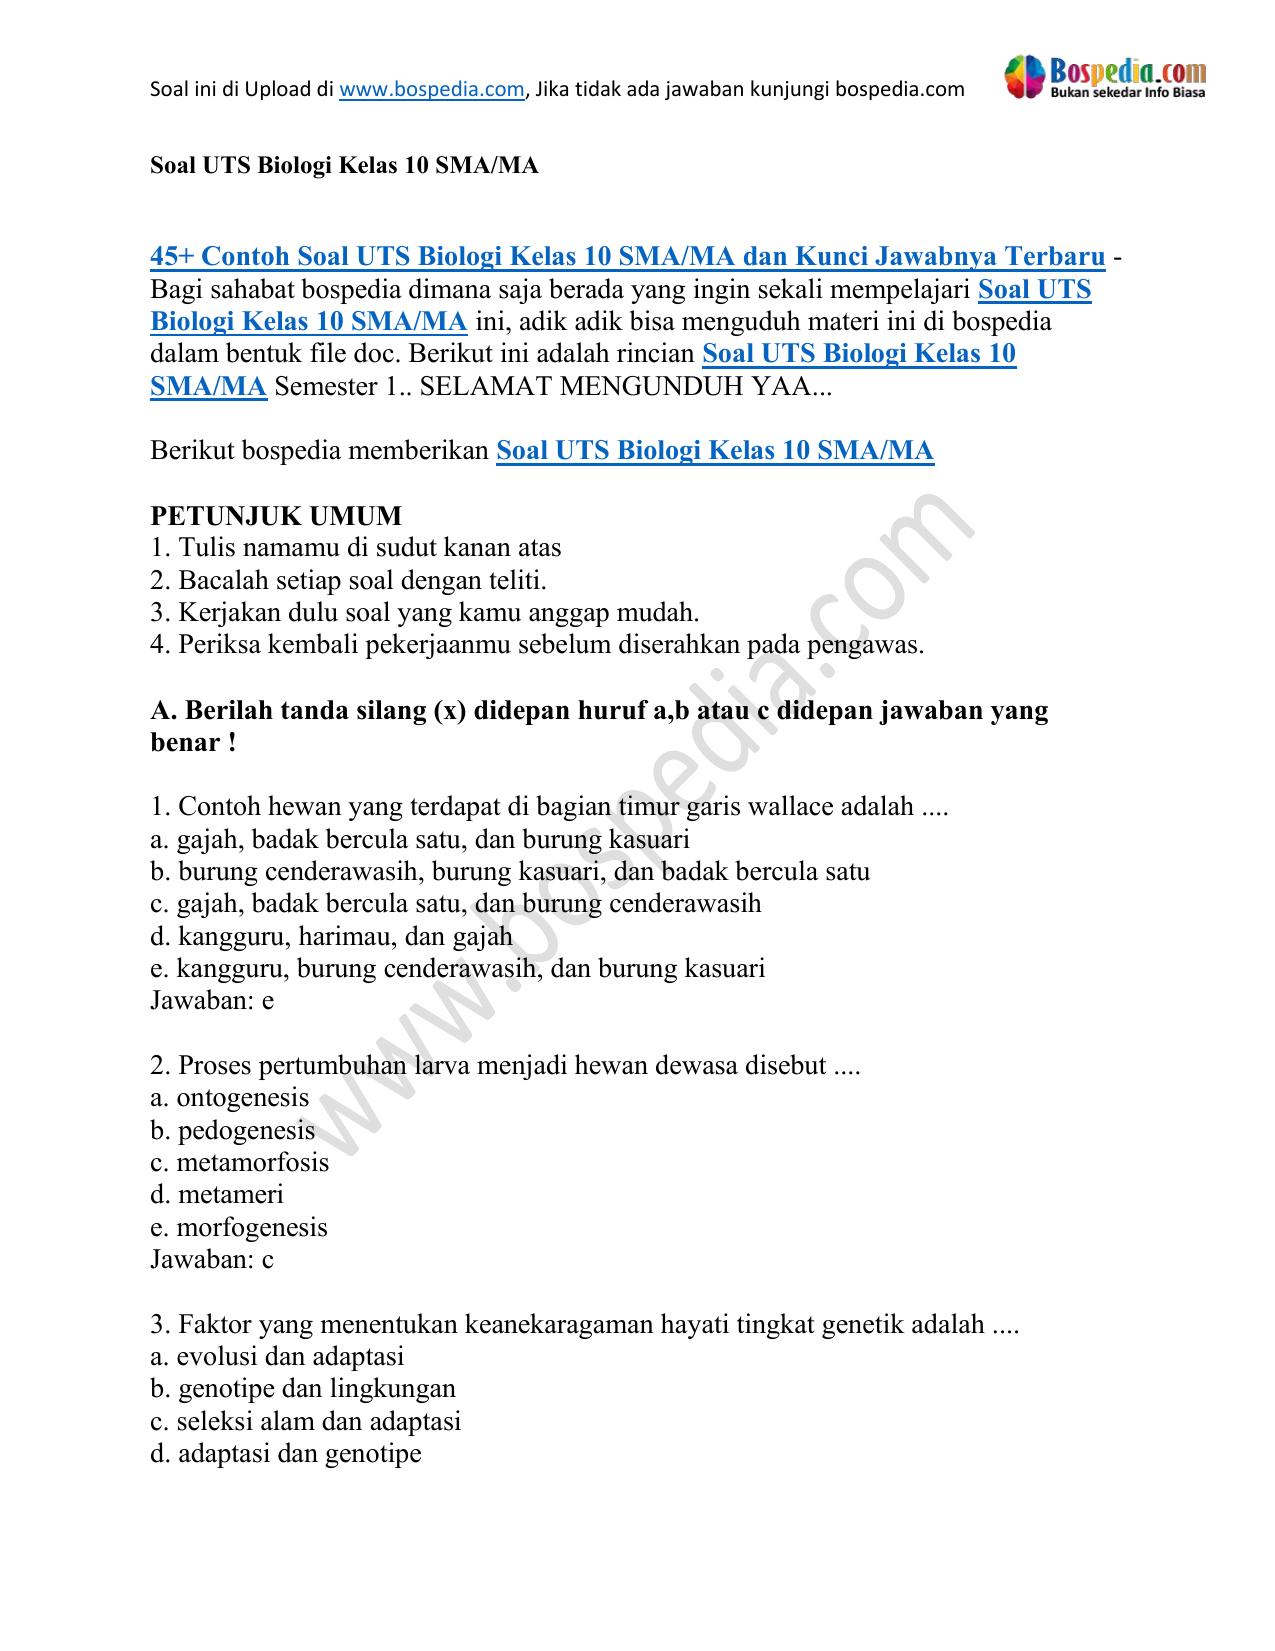 45 Contoh Soal Uts Biologi Kelas 10 Sma Ma Dan Kunci Jawabnya Ss